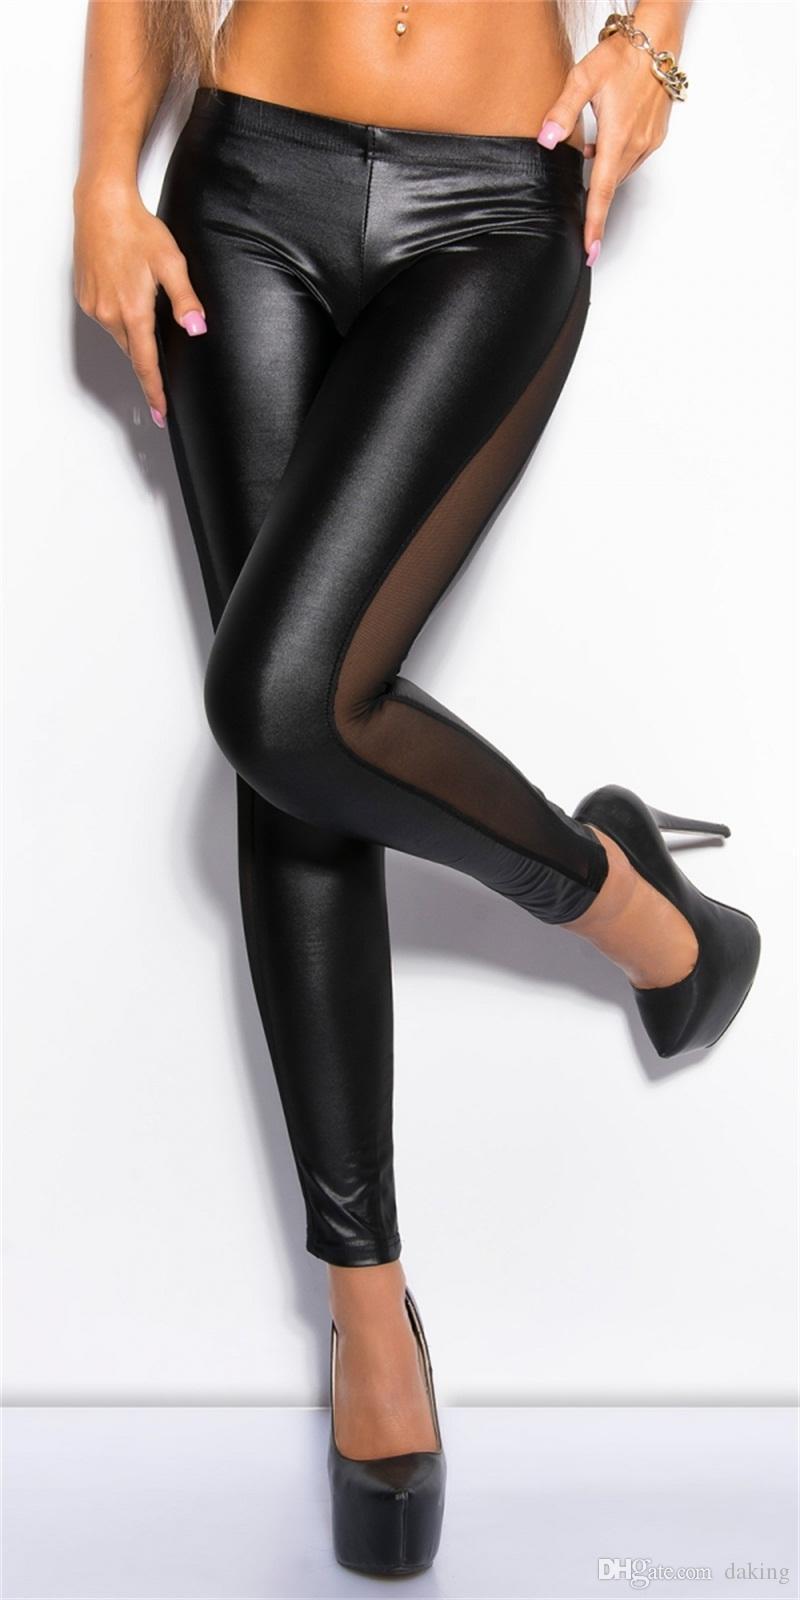 Avrupa Rusya gelgit Kadınlar Dantel patchwork Seksi dar pantolon siyah Splice Casual tarz Parti gece kulübü Glamour bayan ince pantolon kırmızı pop